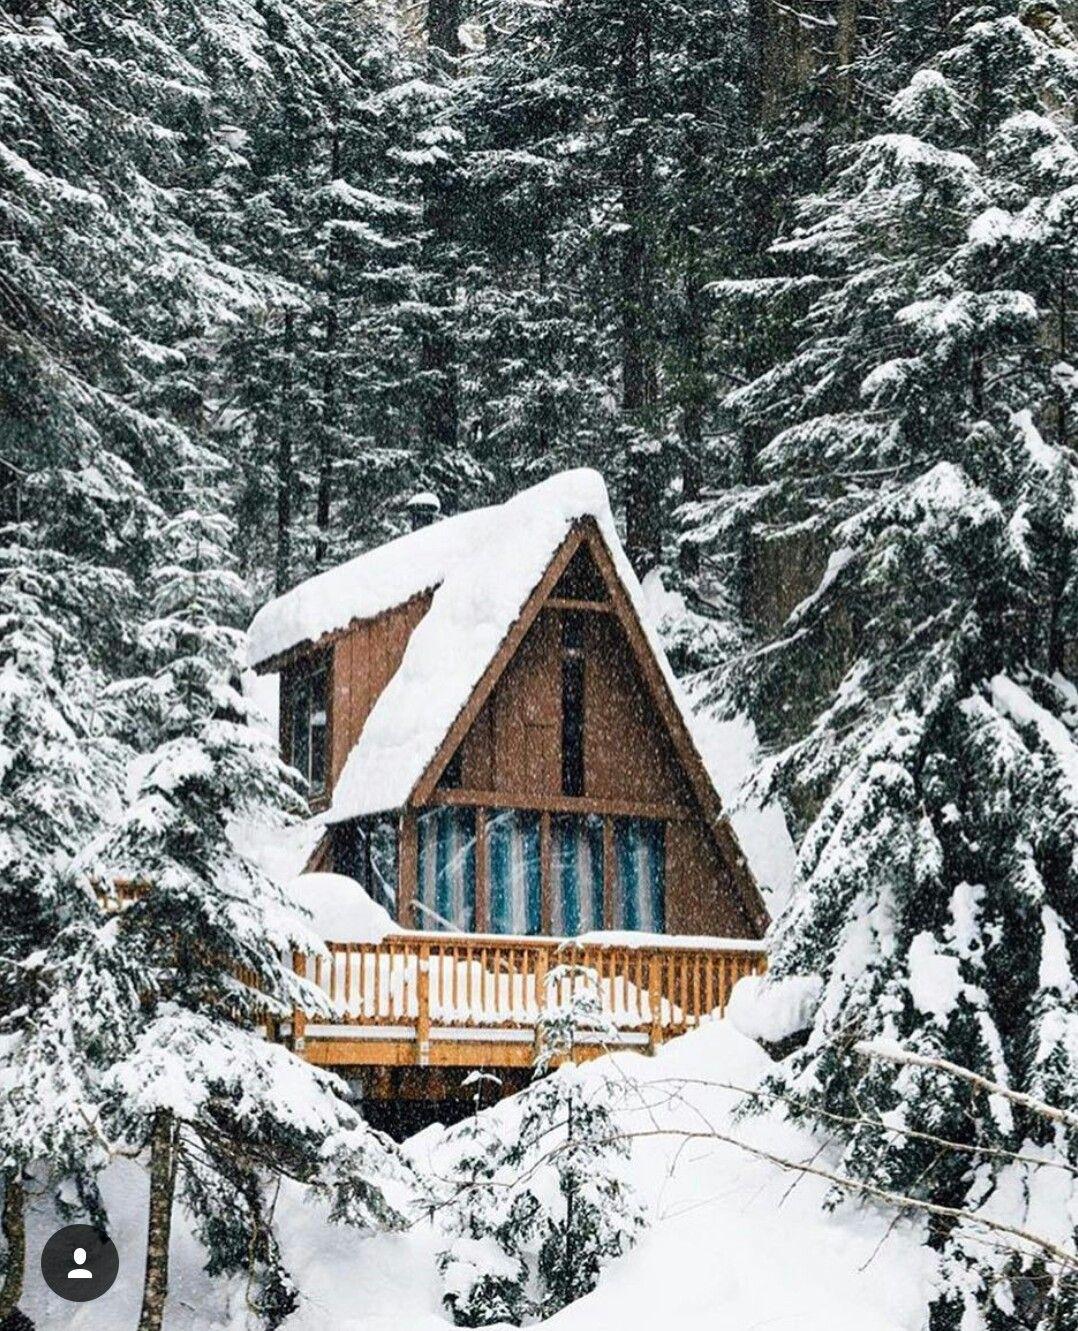 Pin de John Hanson en A-Frame Mountain Home | Pinterest | Cabina ...